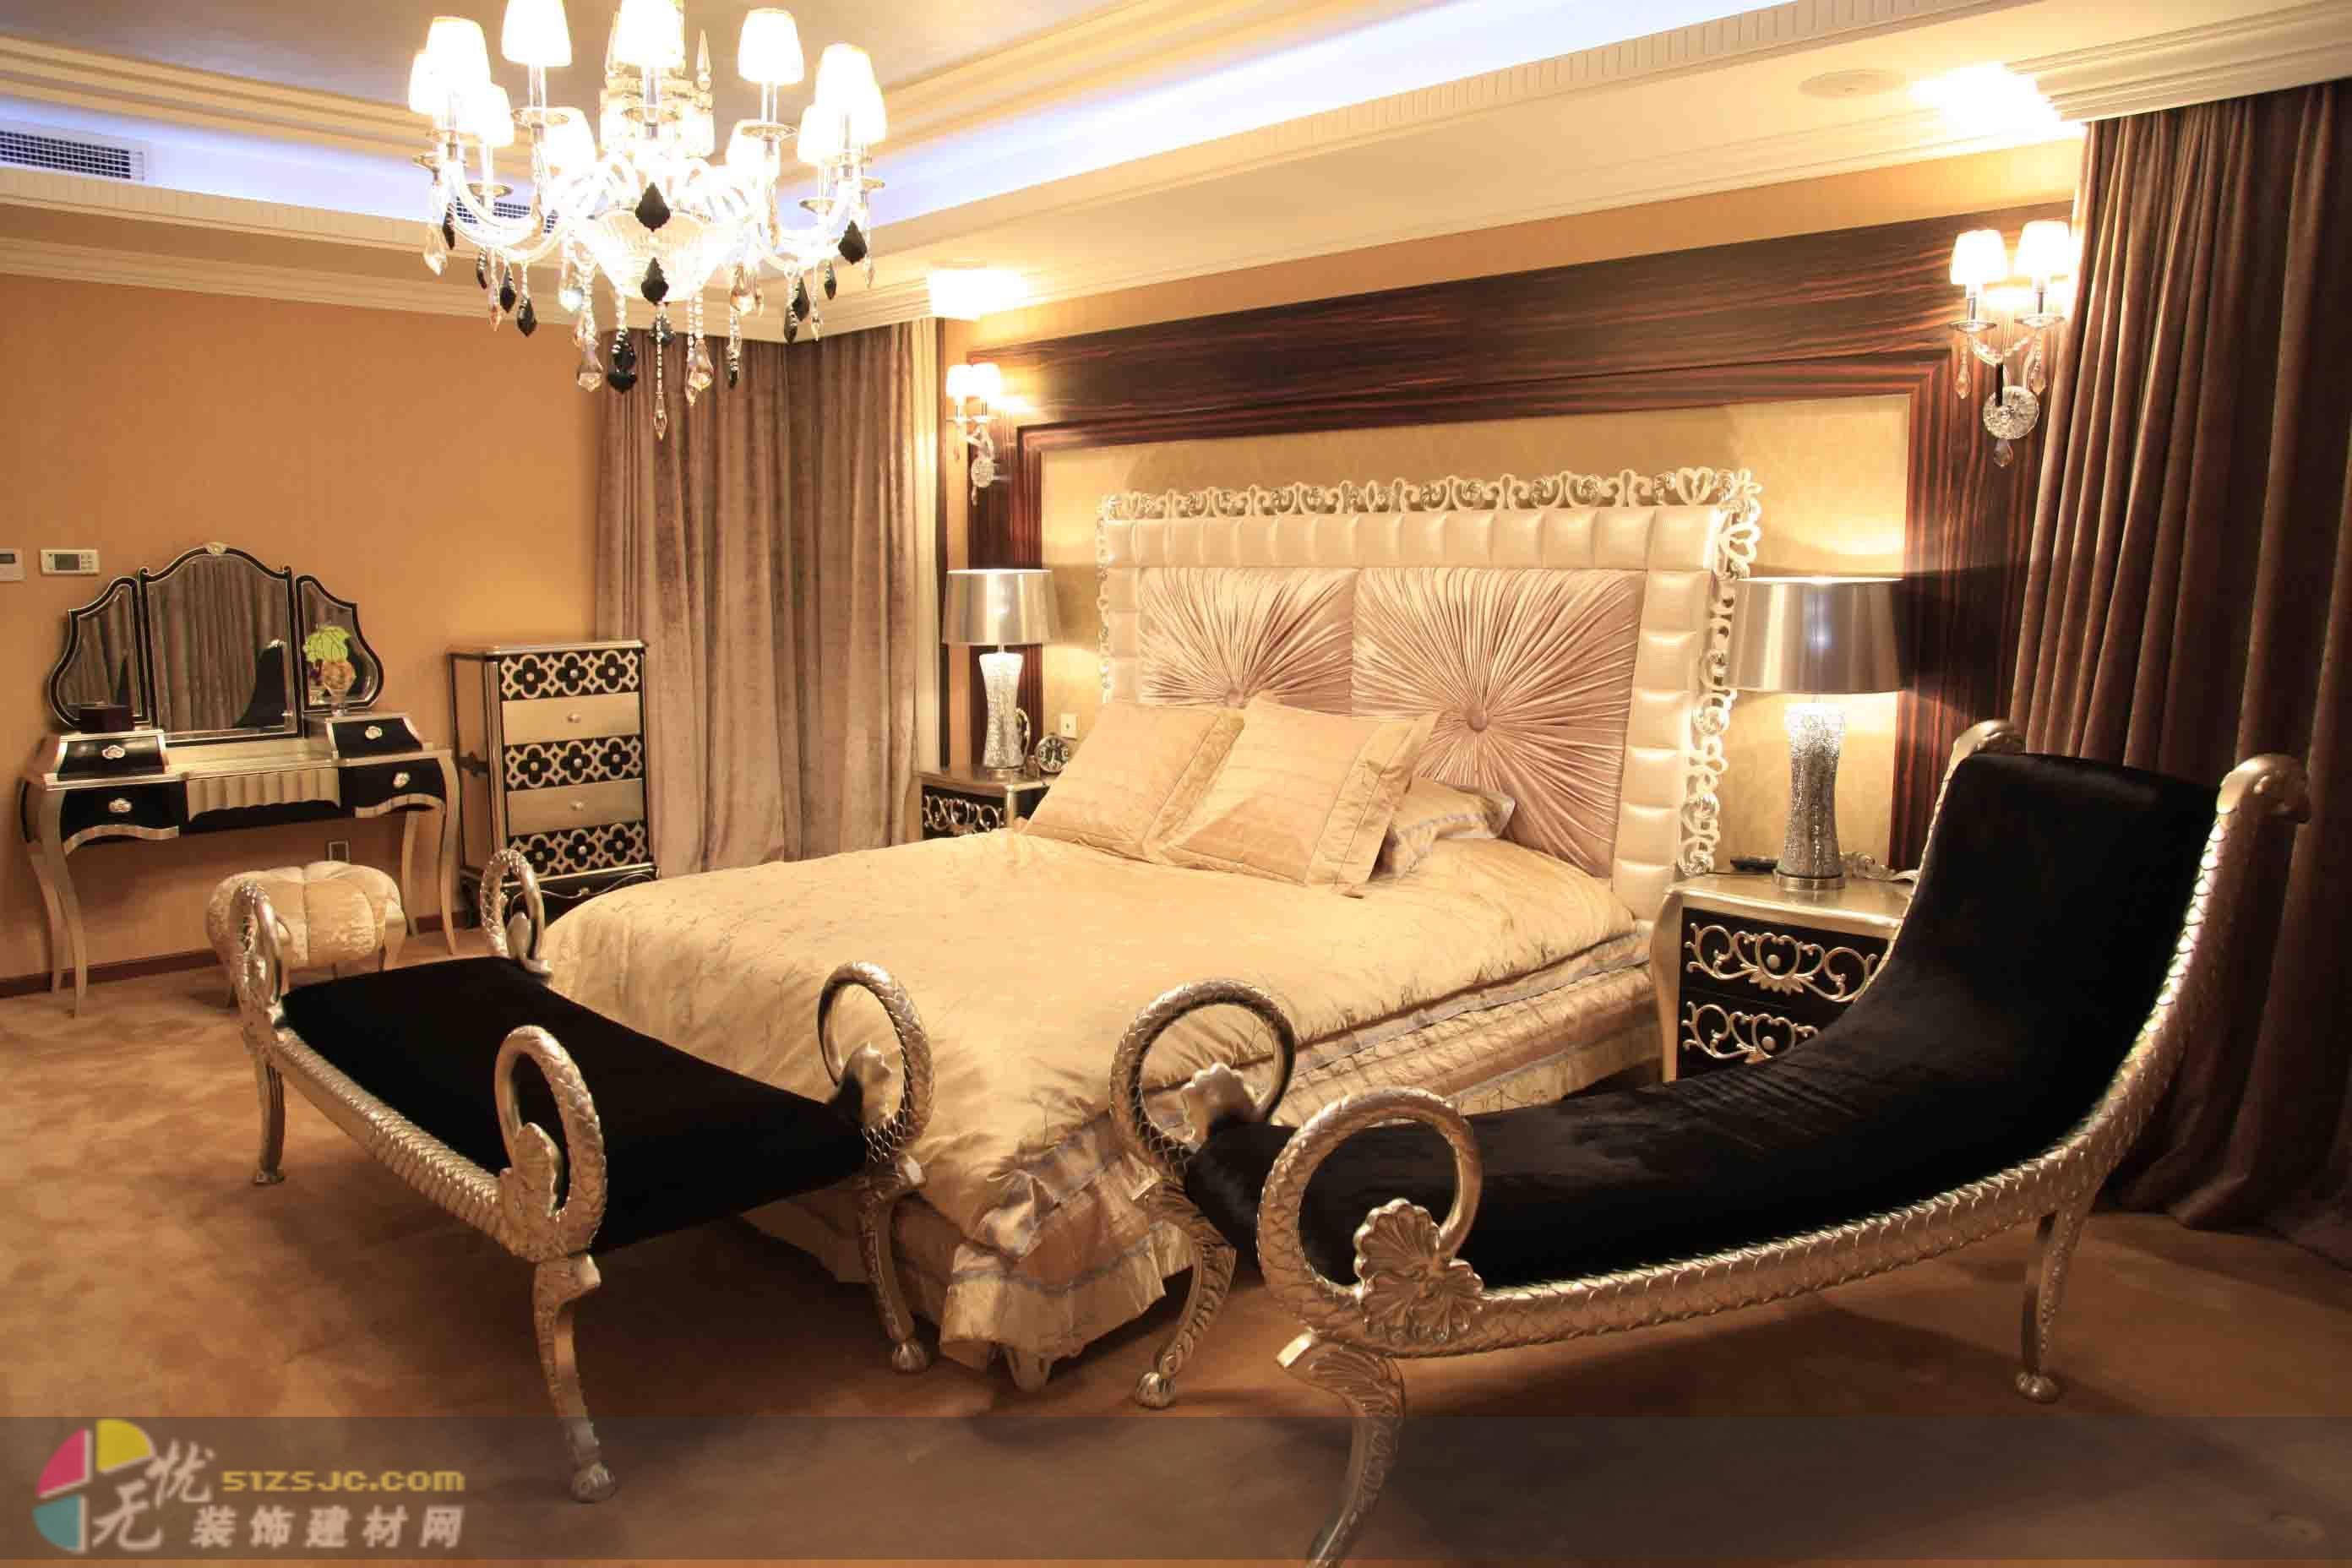 欧式风格 案例展示 别墅装修 北京金田伟业装饰有限公司